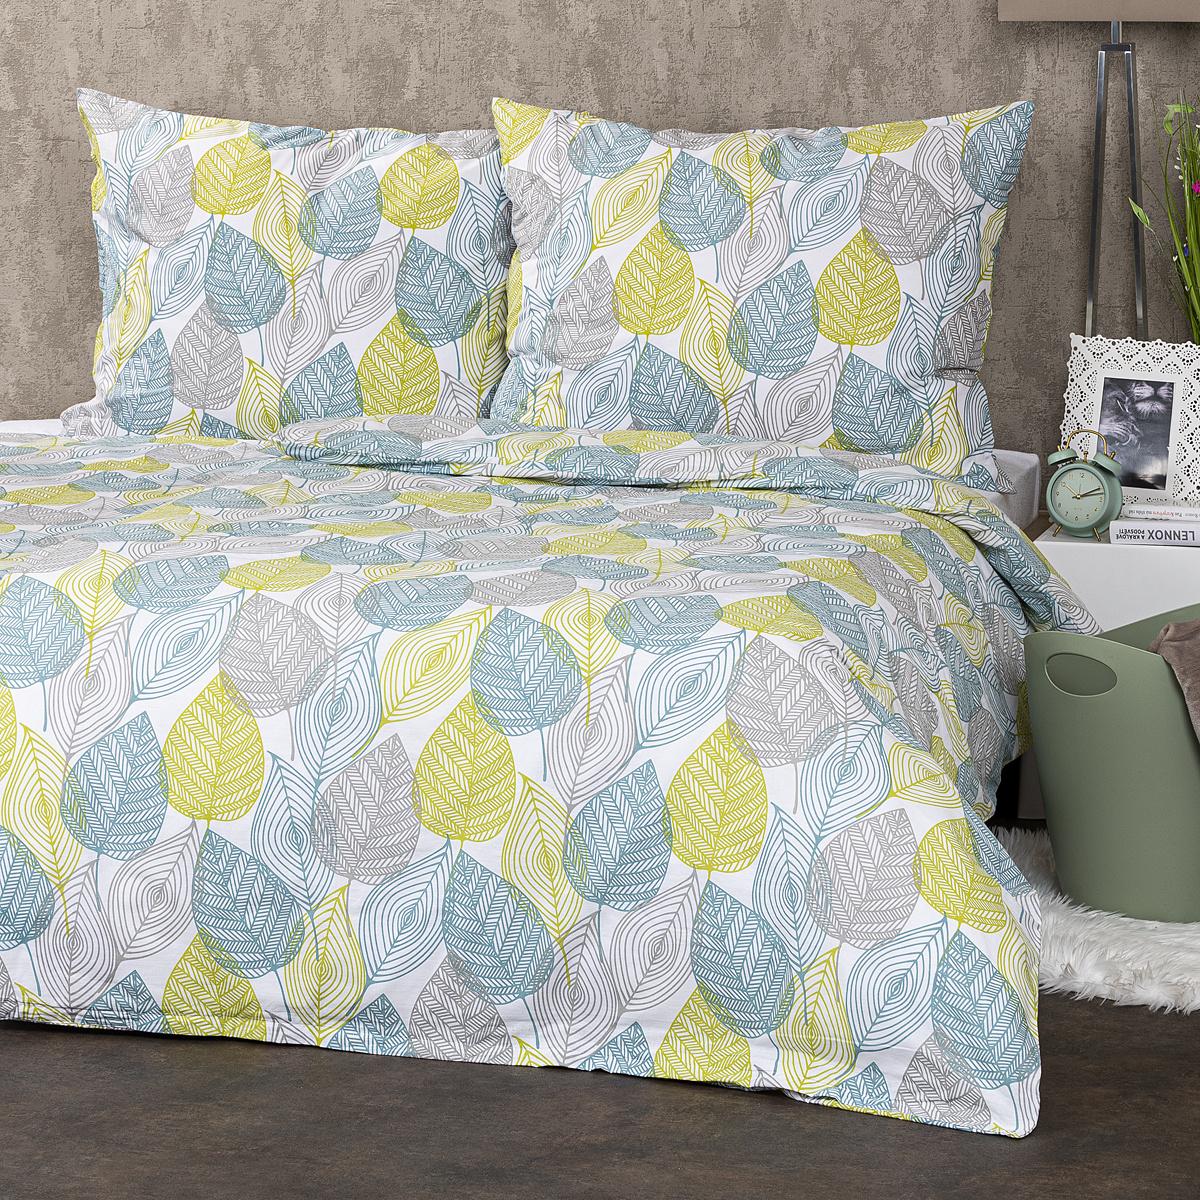 4Home Bavlnené obliečky Nordic Leaves, 200 x 220 cm, 2 ks 70 x 90 cm